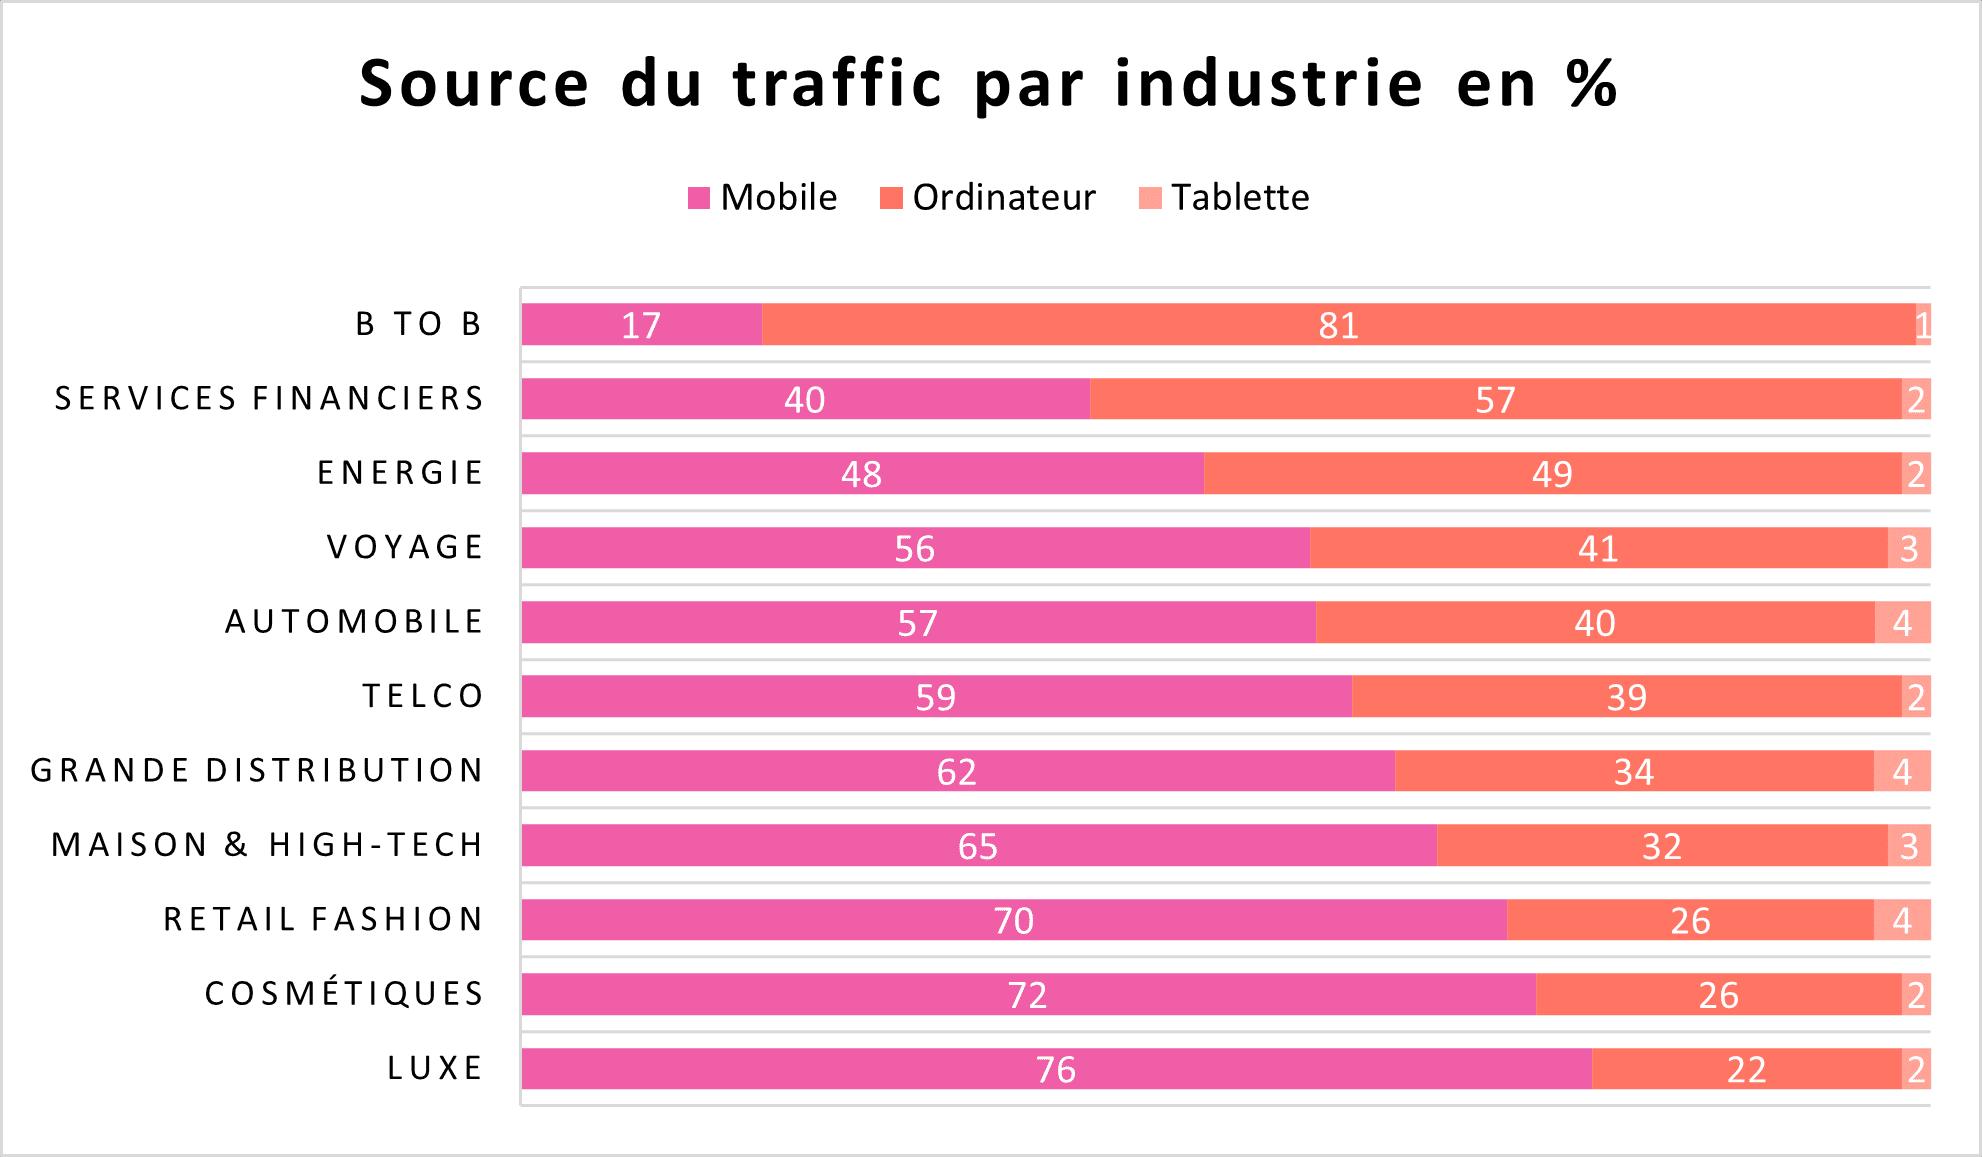 Source du traffic par industrie